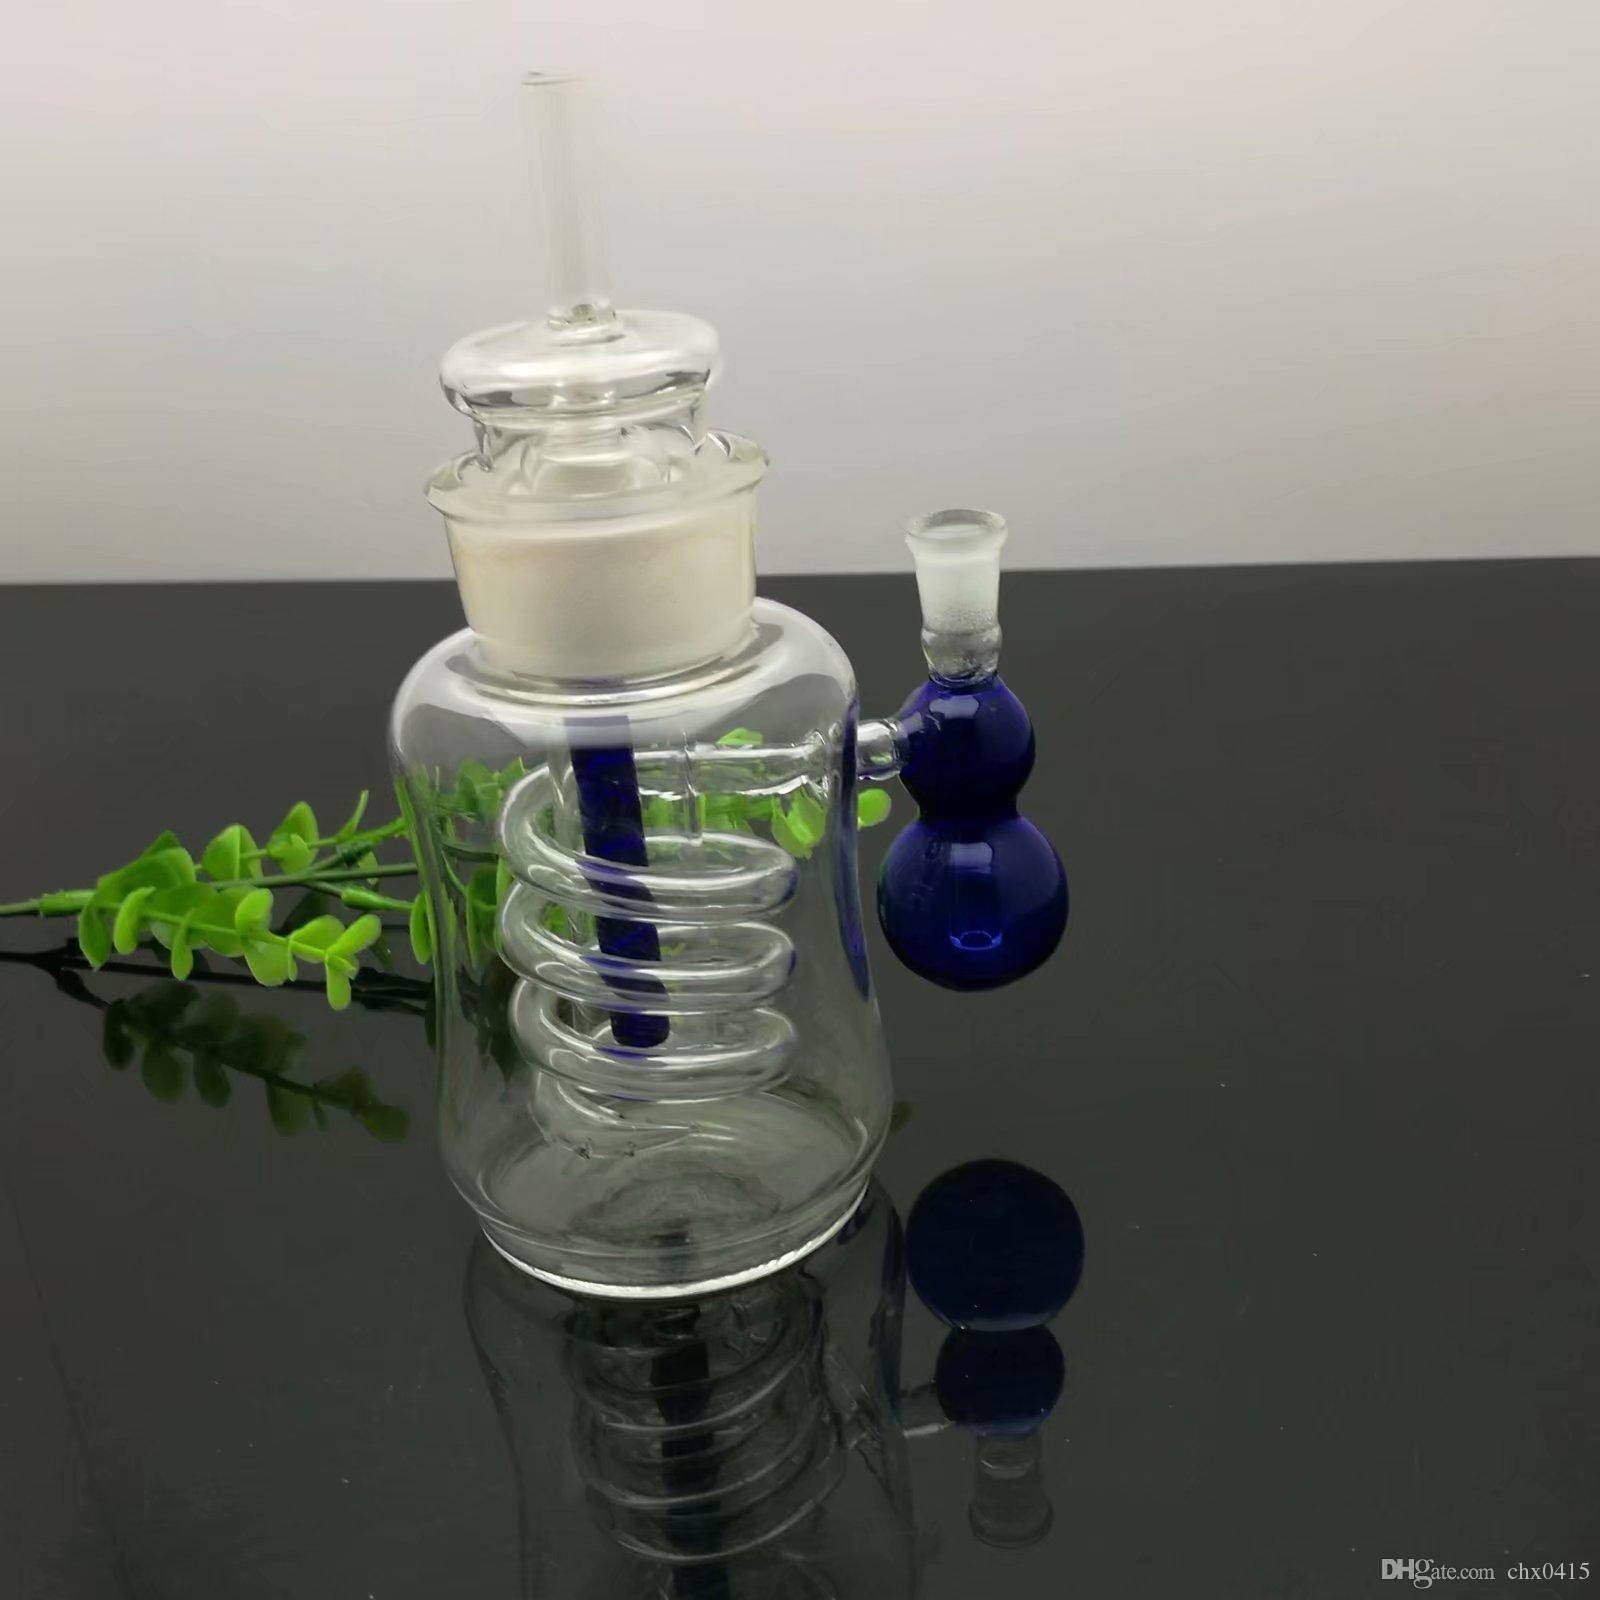 조롱박 유리제 물 파이프 도매 유리 bongs 오일 버너 유리 물 파이프 오일 렌지 흡연 무료 배송